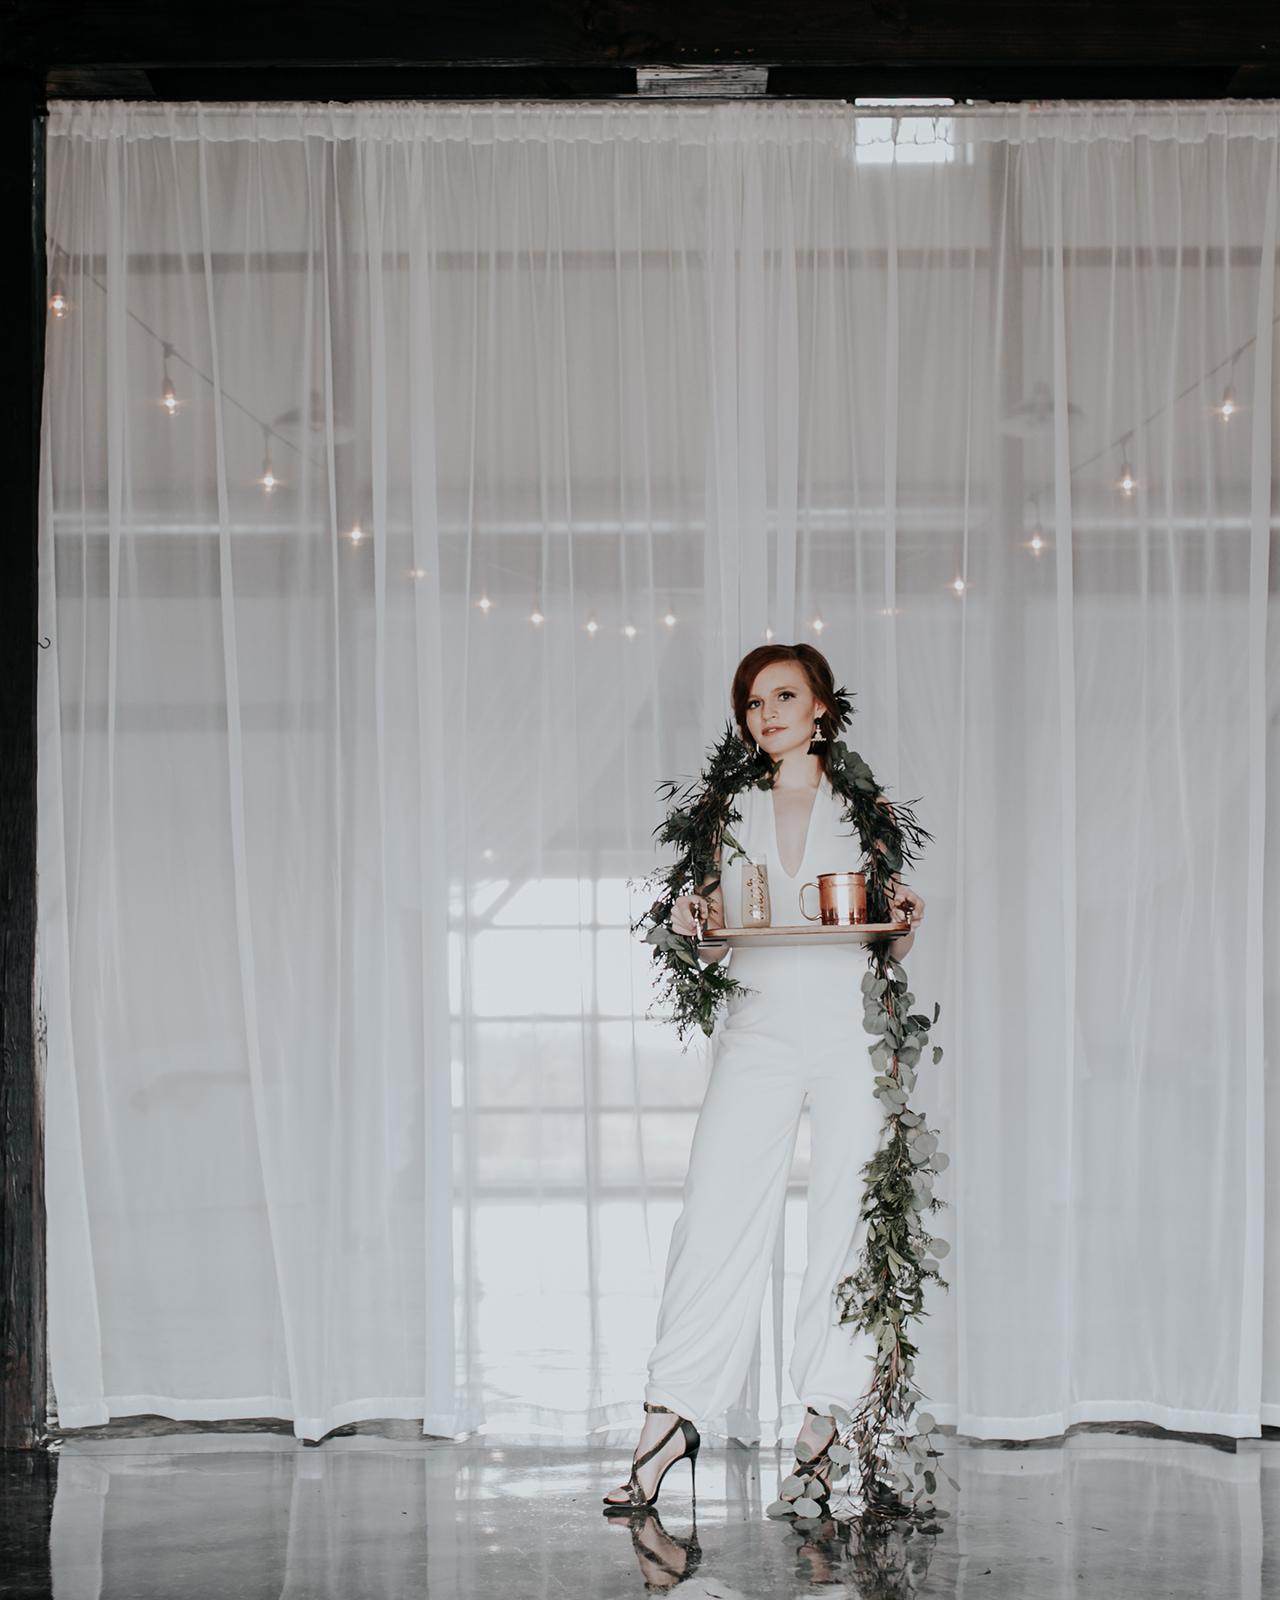 Dream Point Ranch Tulsa Wedding Venue Edgy Bride 6.jpg